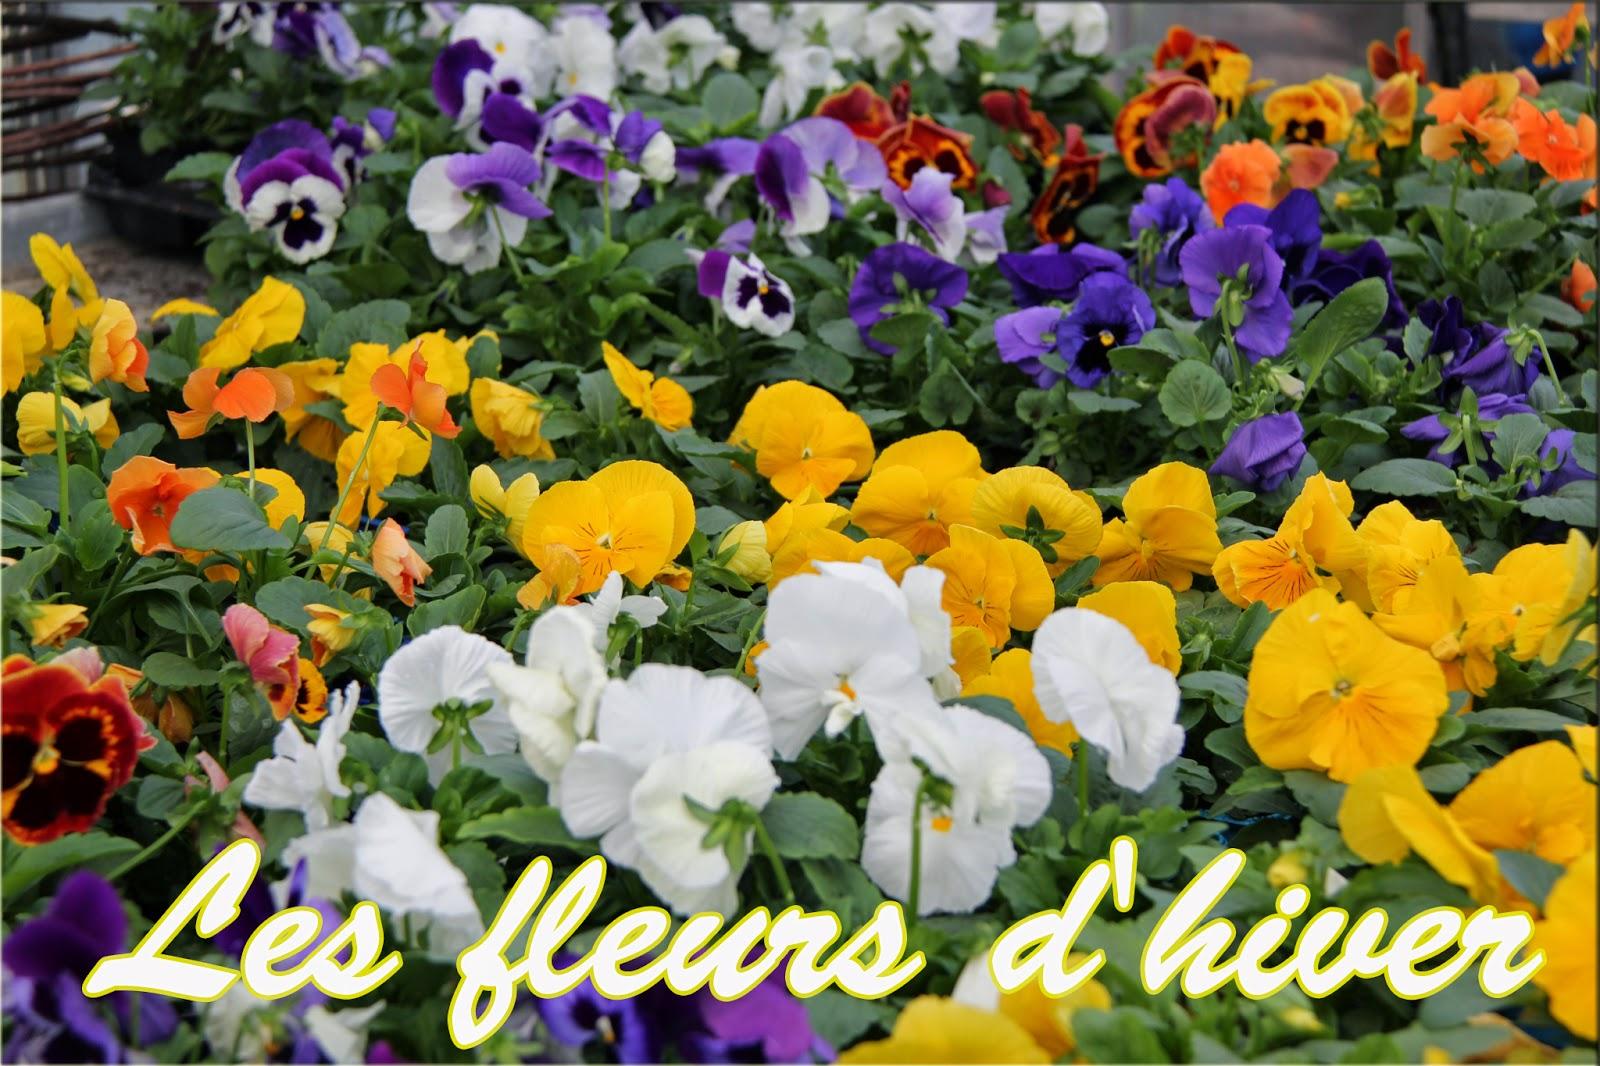 quelles plantes et fleurs pour un jardin d hiver fleuri jardin et fleurs. Black Bedroom Furniture Sets. Home Design Ideas